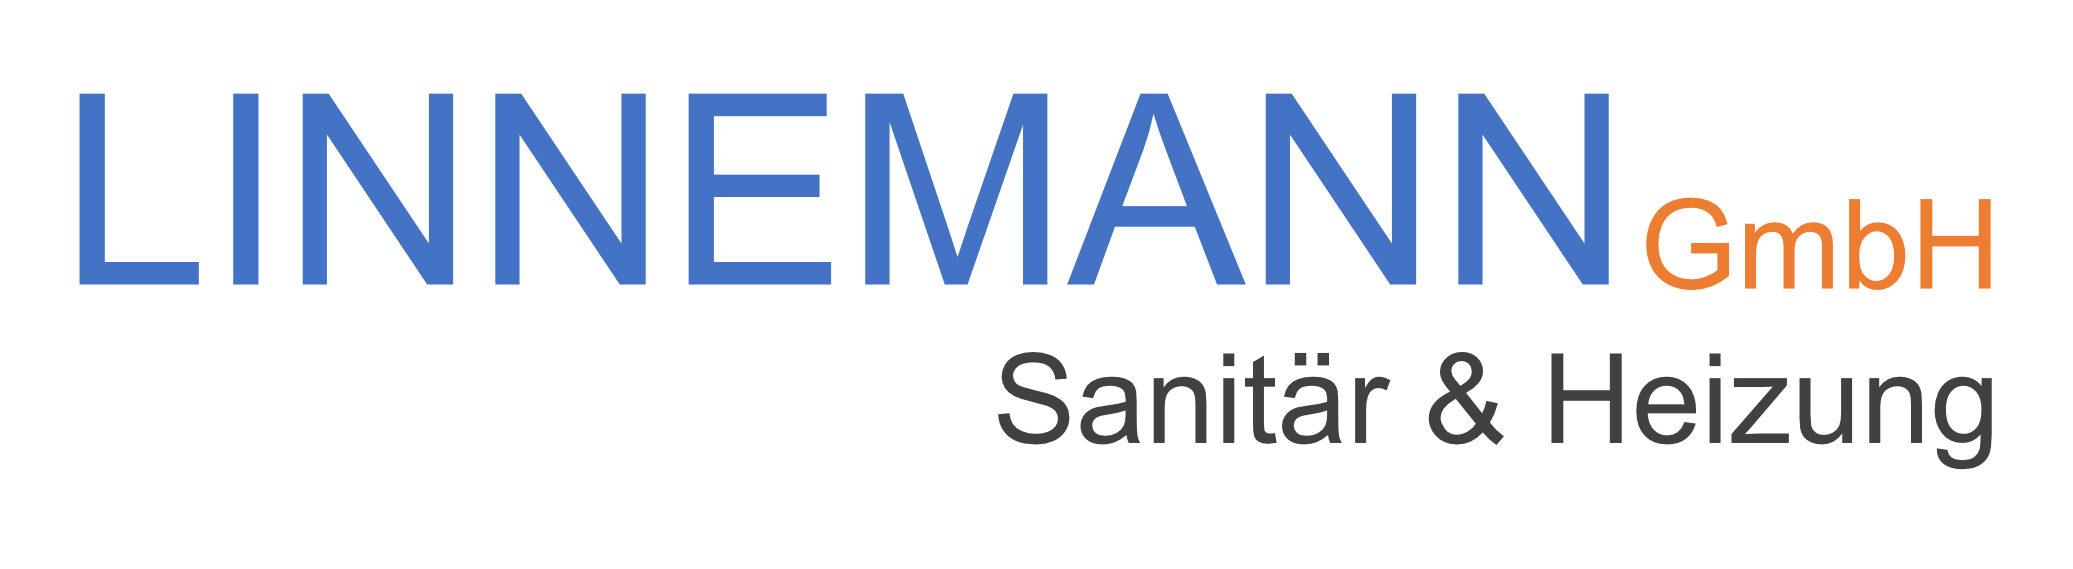 LINNEMANN GmbH – Sanitär & Heizungstechnik aus Langenfeld